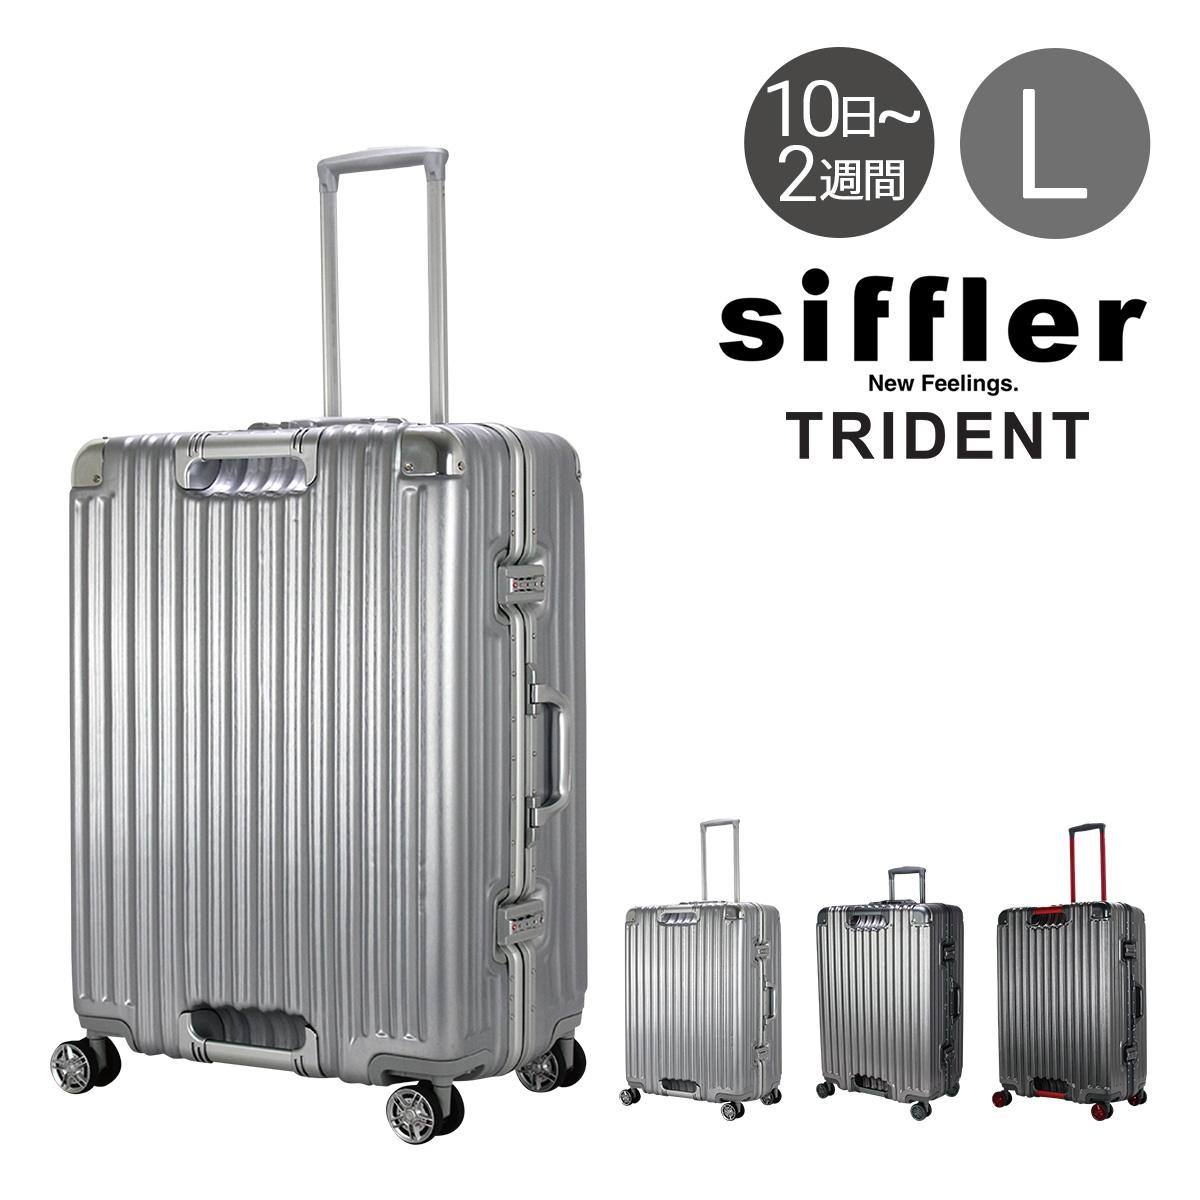 シフレ スーツケース 4輪 85L 67cm 5.9kg トライデント TRI1102-67 軽量 ハード フレーム Siffler TSAロック搭載 キャリーバッグ キャリーケース